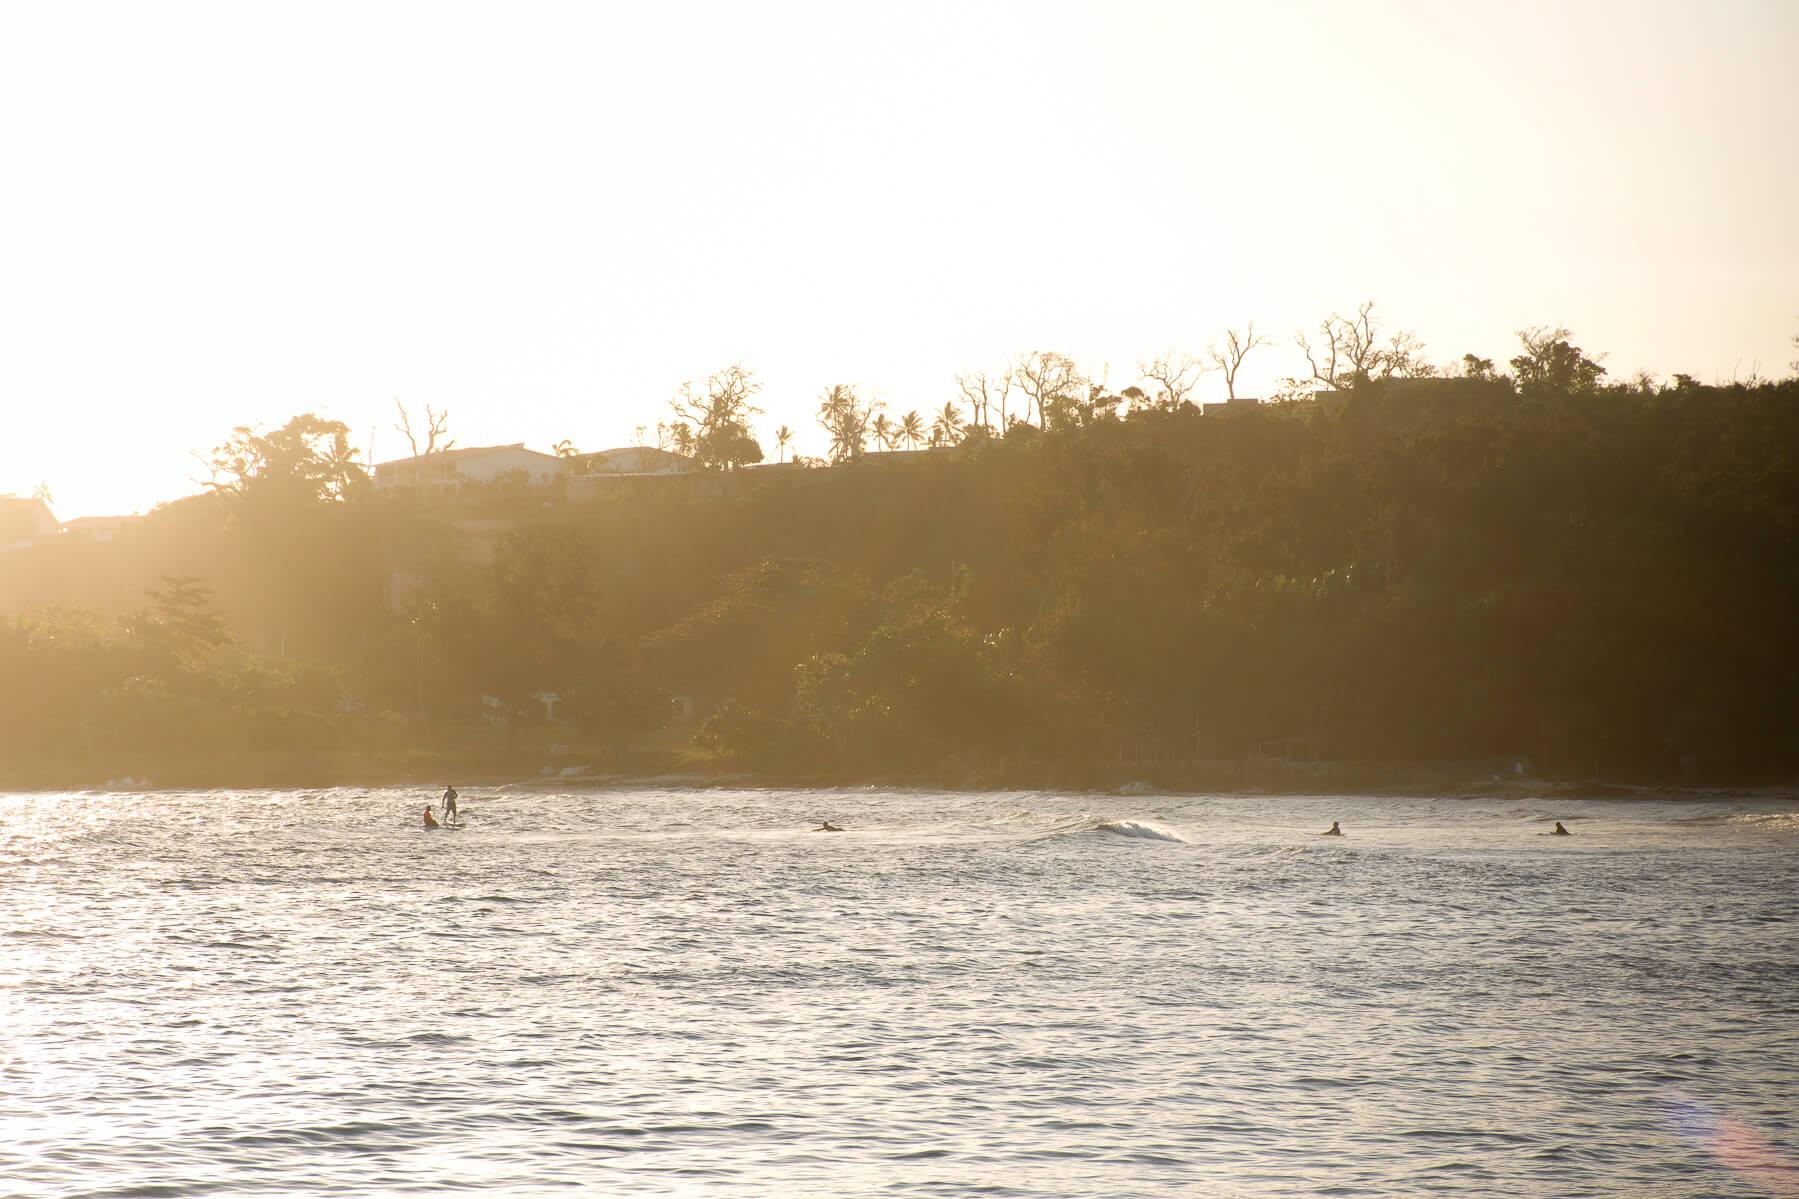 Watching Vanuatu locals surfing in the ocean during golden hour